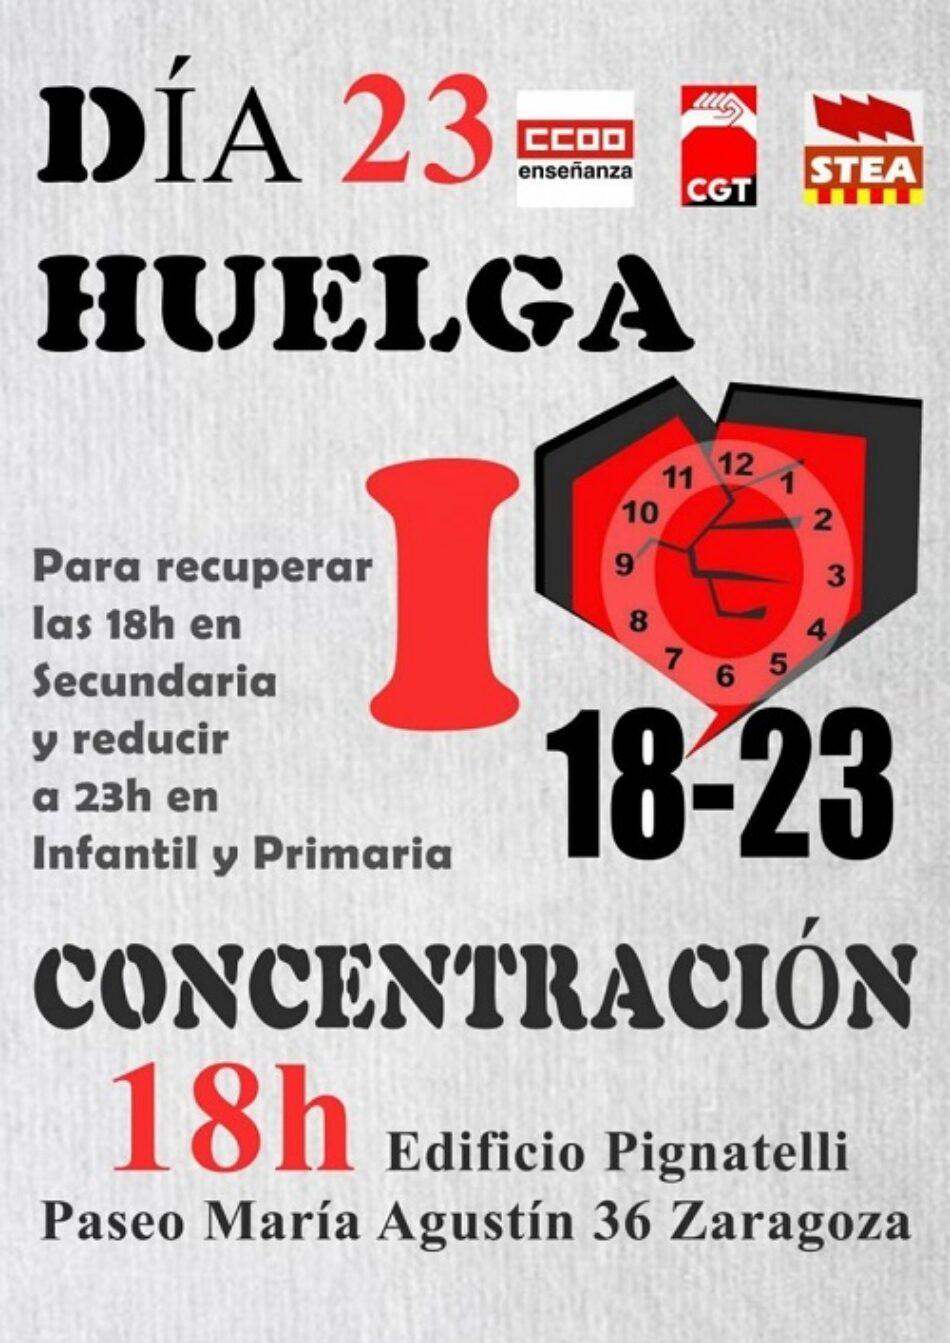 «El PCE Aragón en apoyo a la Huelga Educativa #23M» – 23 mayo 2019